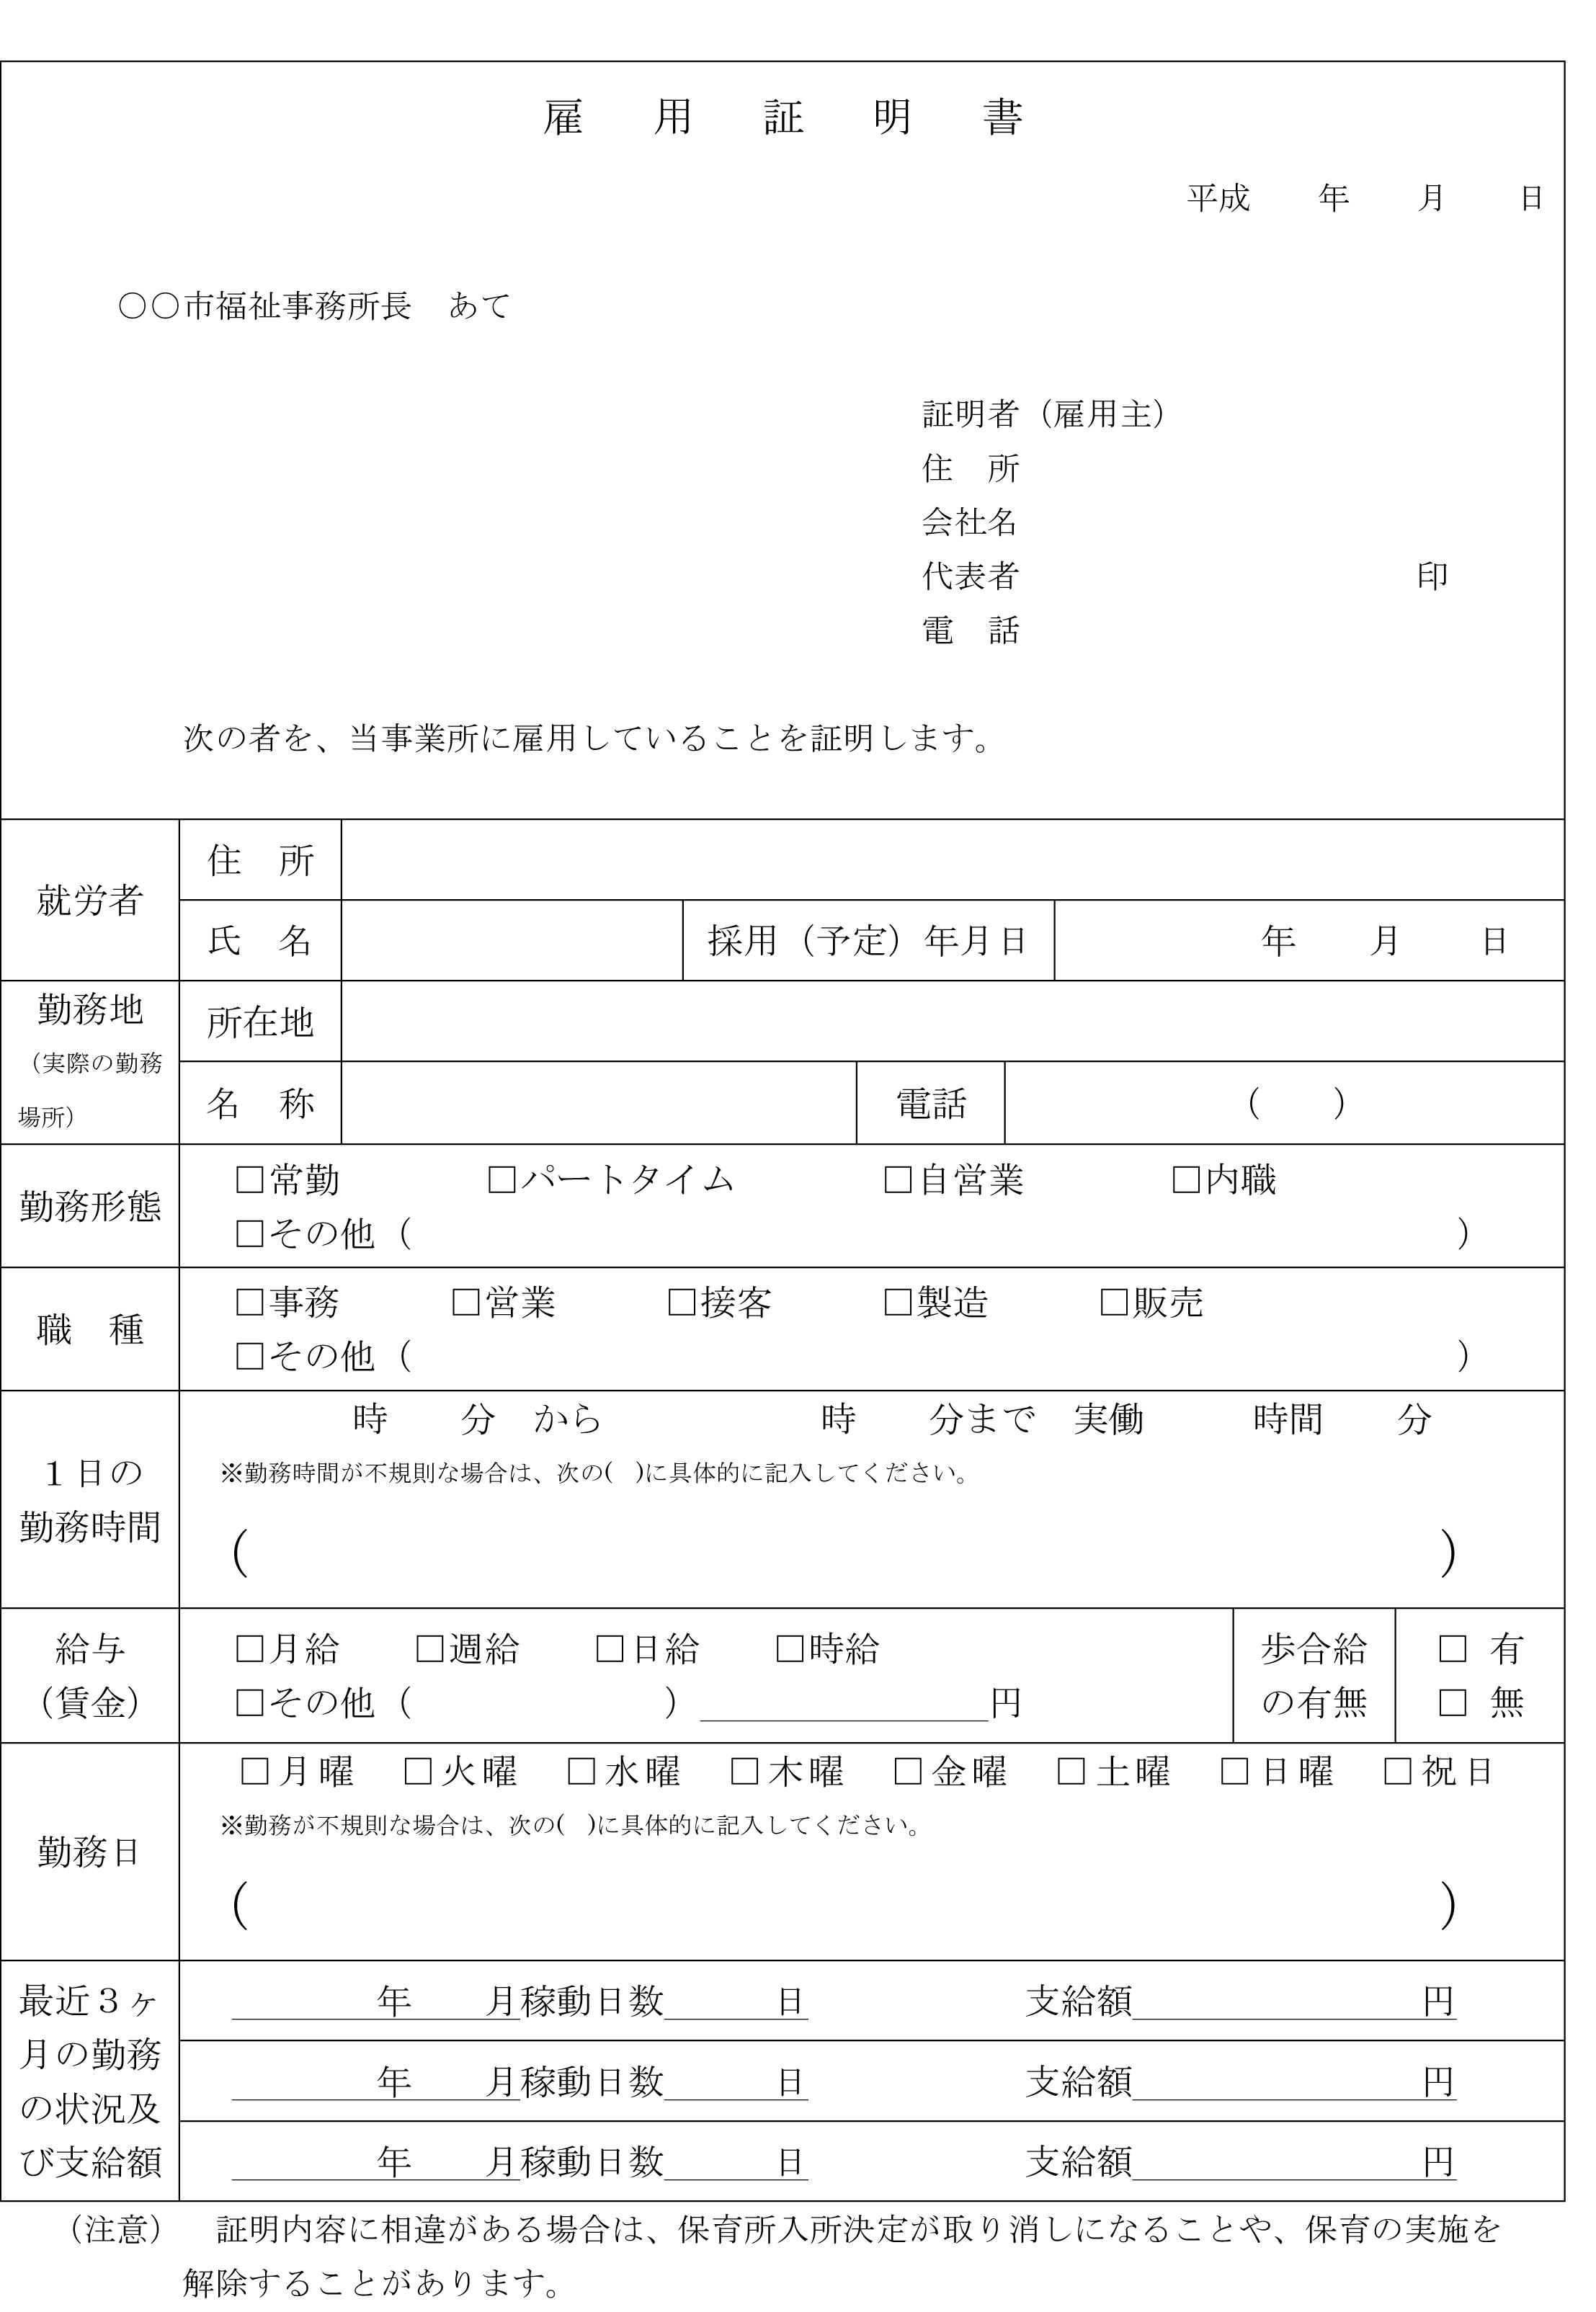 雇用証明書11